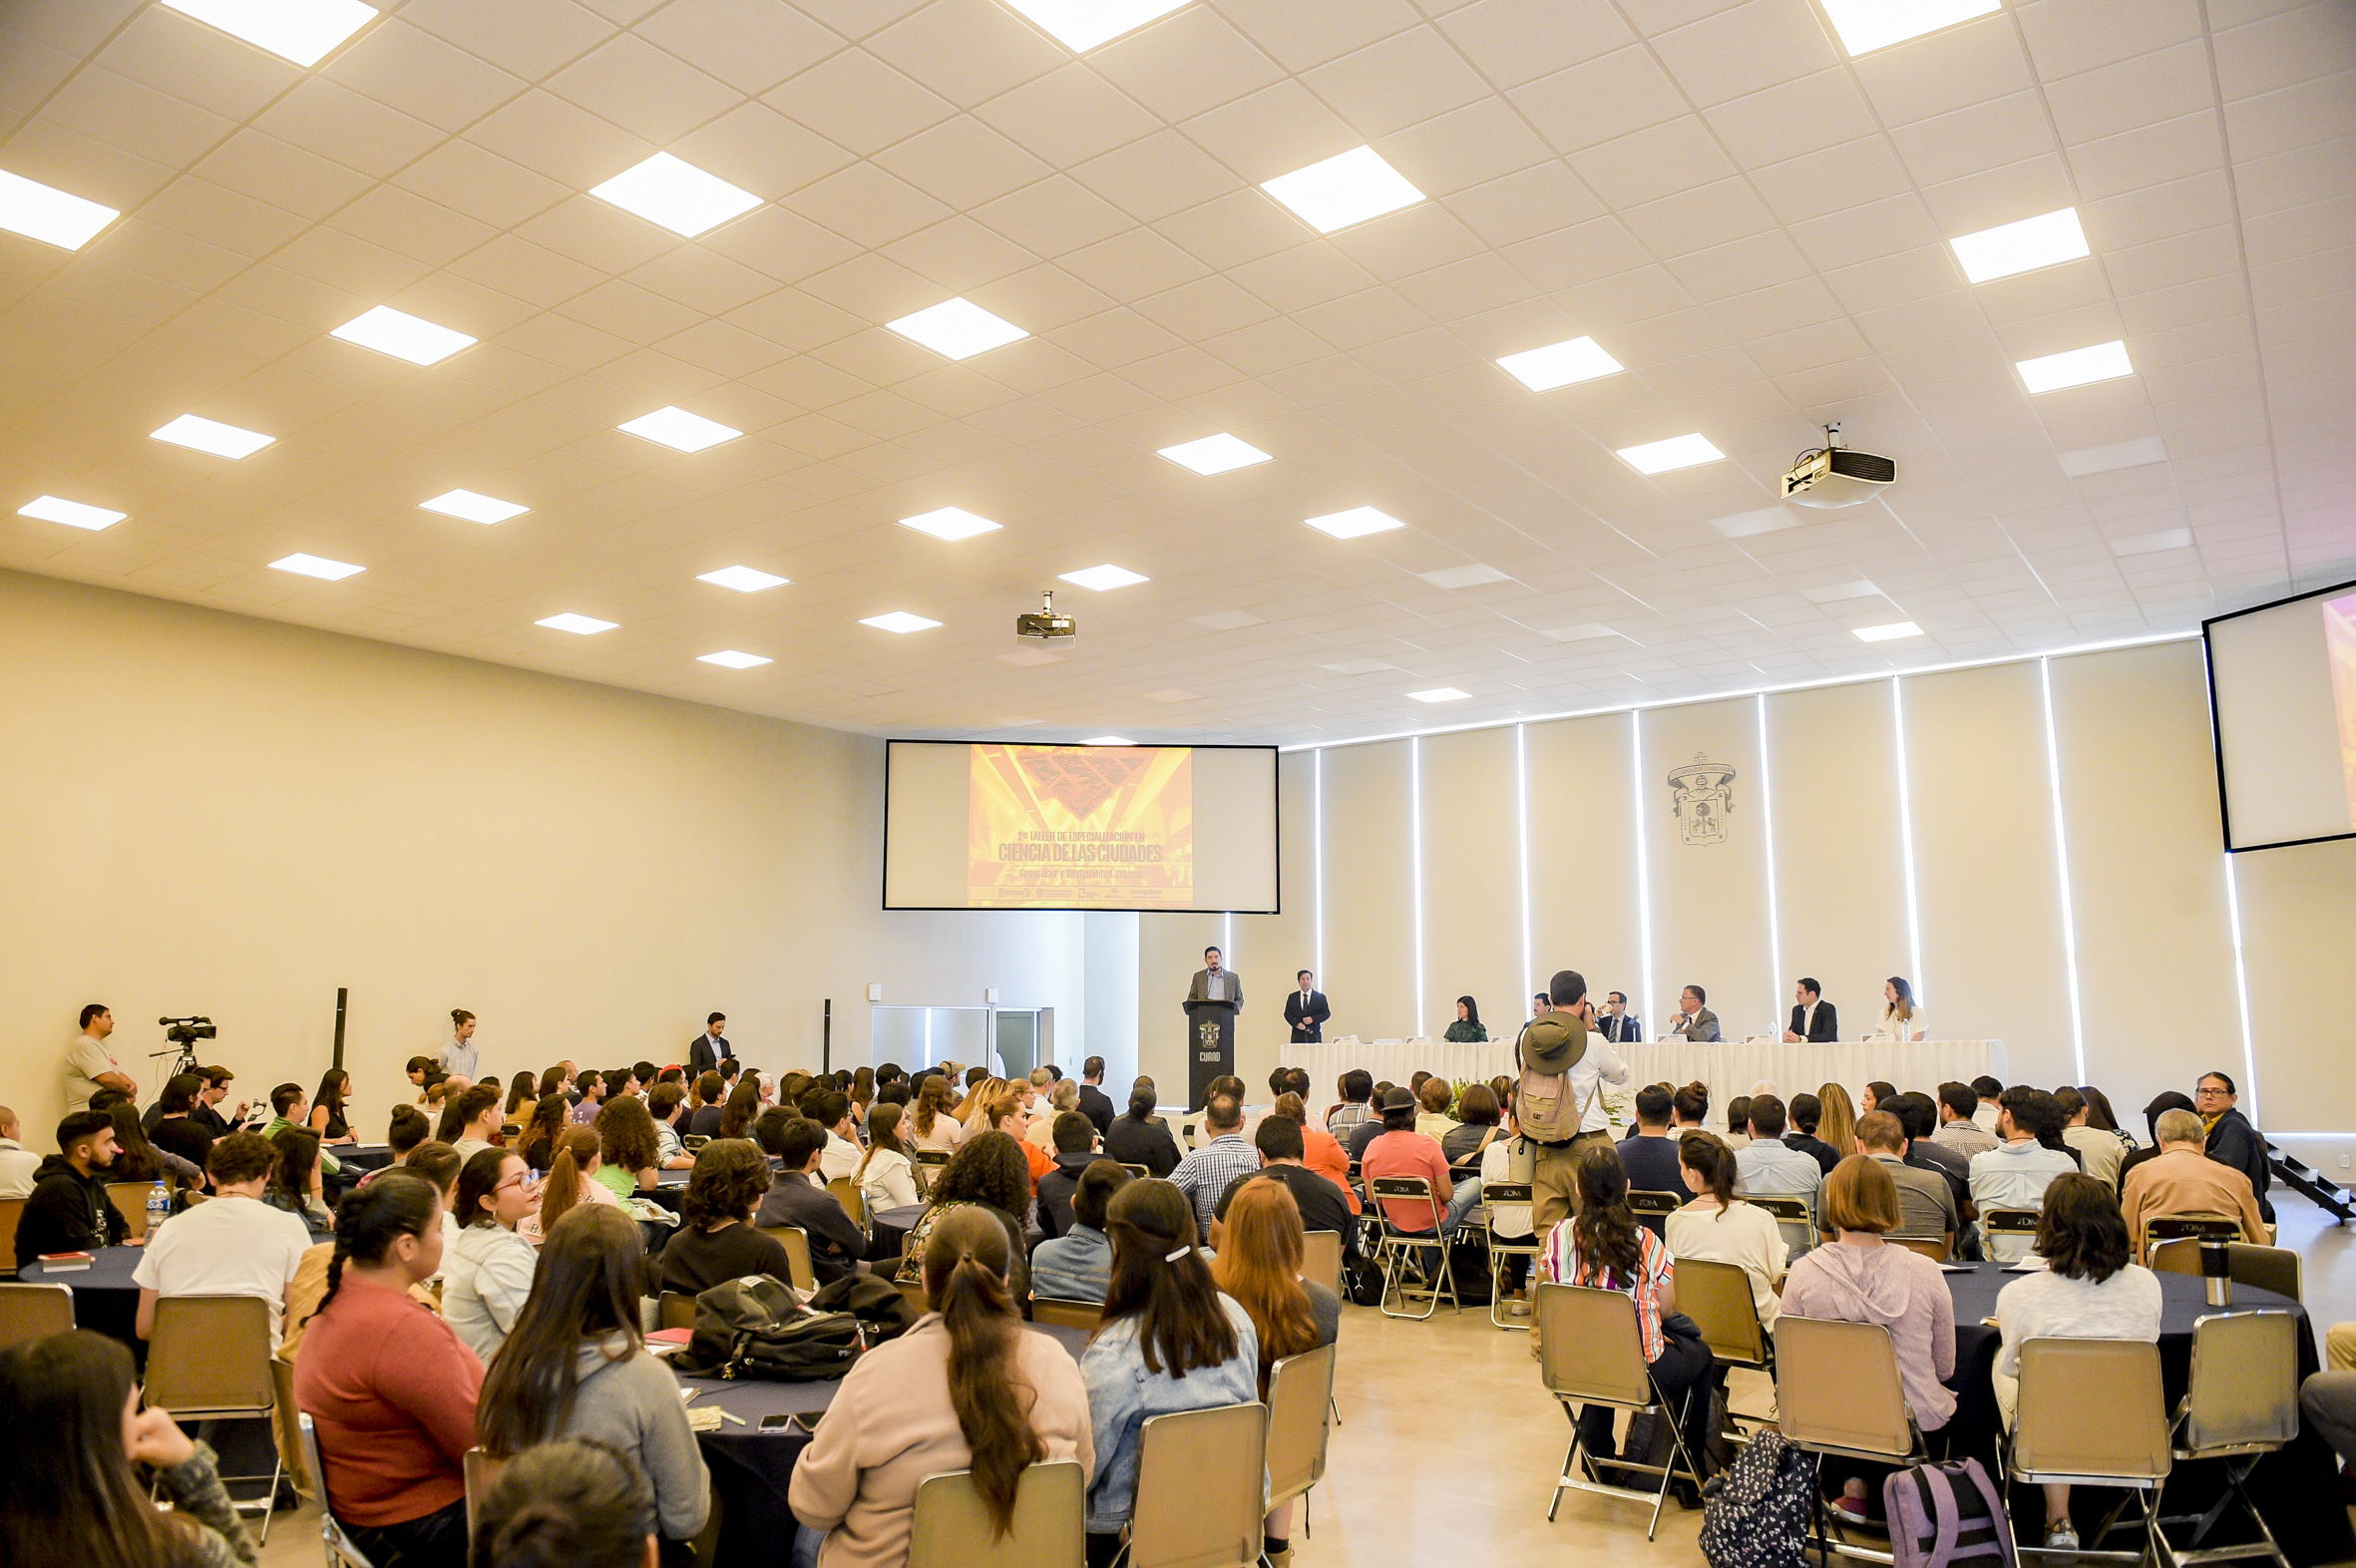 Vista general del auditorio del CUAAD donde se realizo el evento inaugural